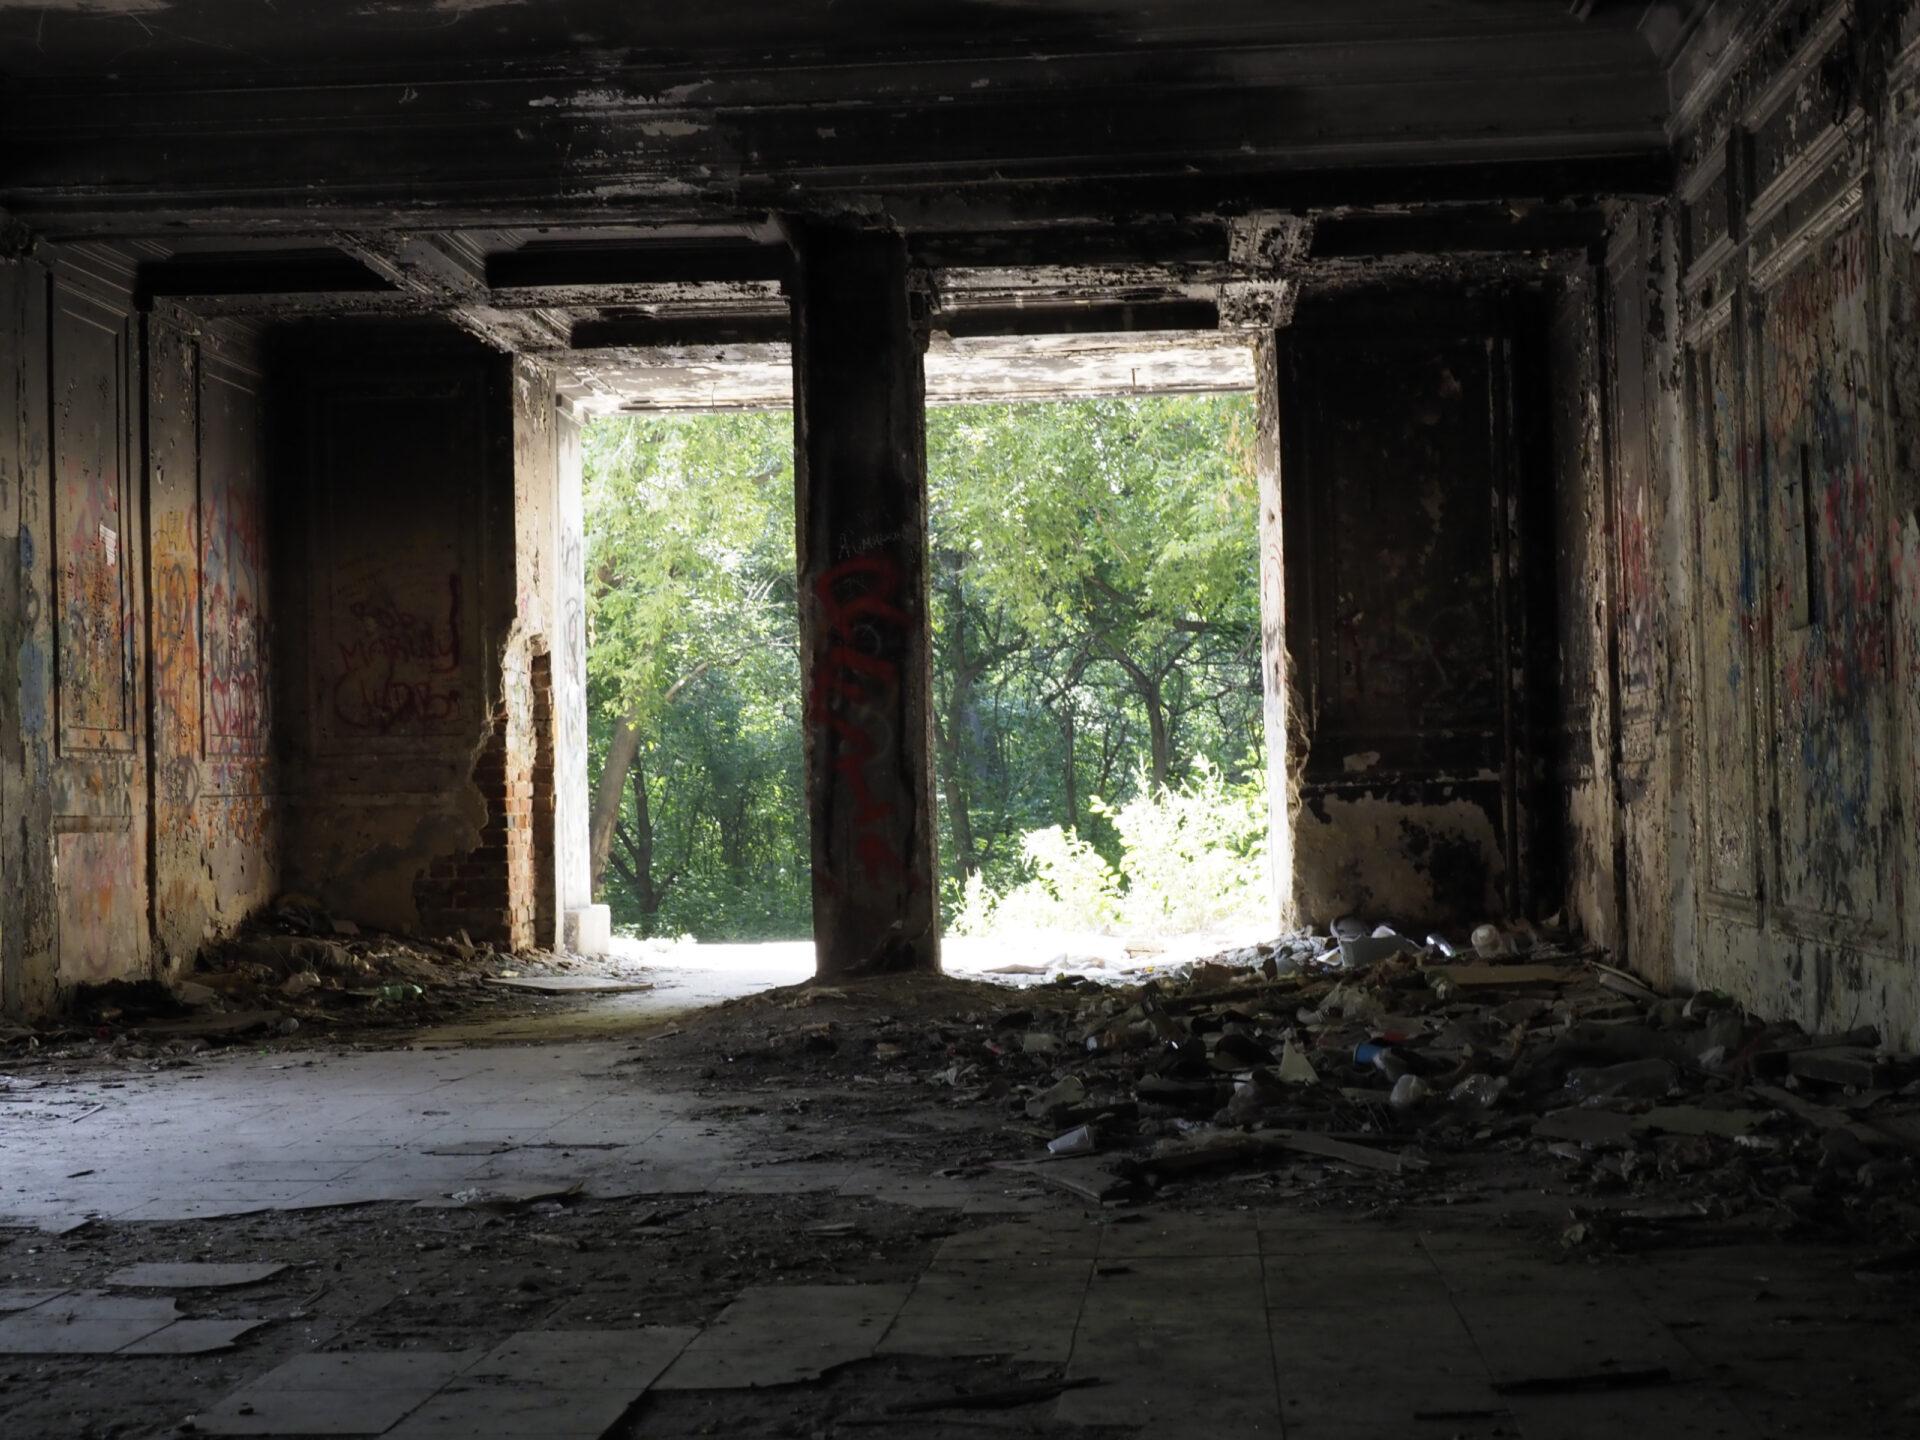 Екатеринбург. Старый госпиталь вЗеленой роще. Эстетика разрухи.